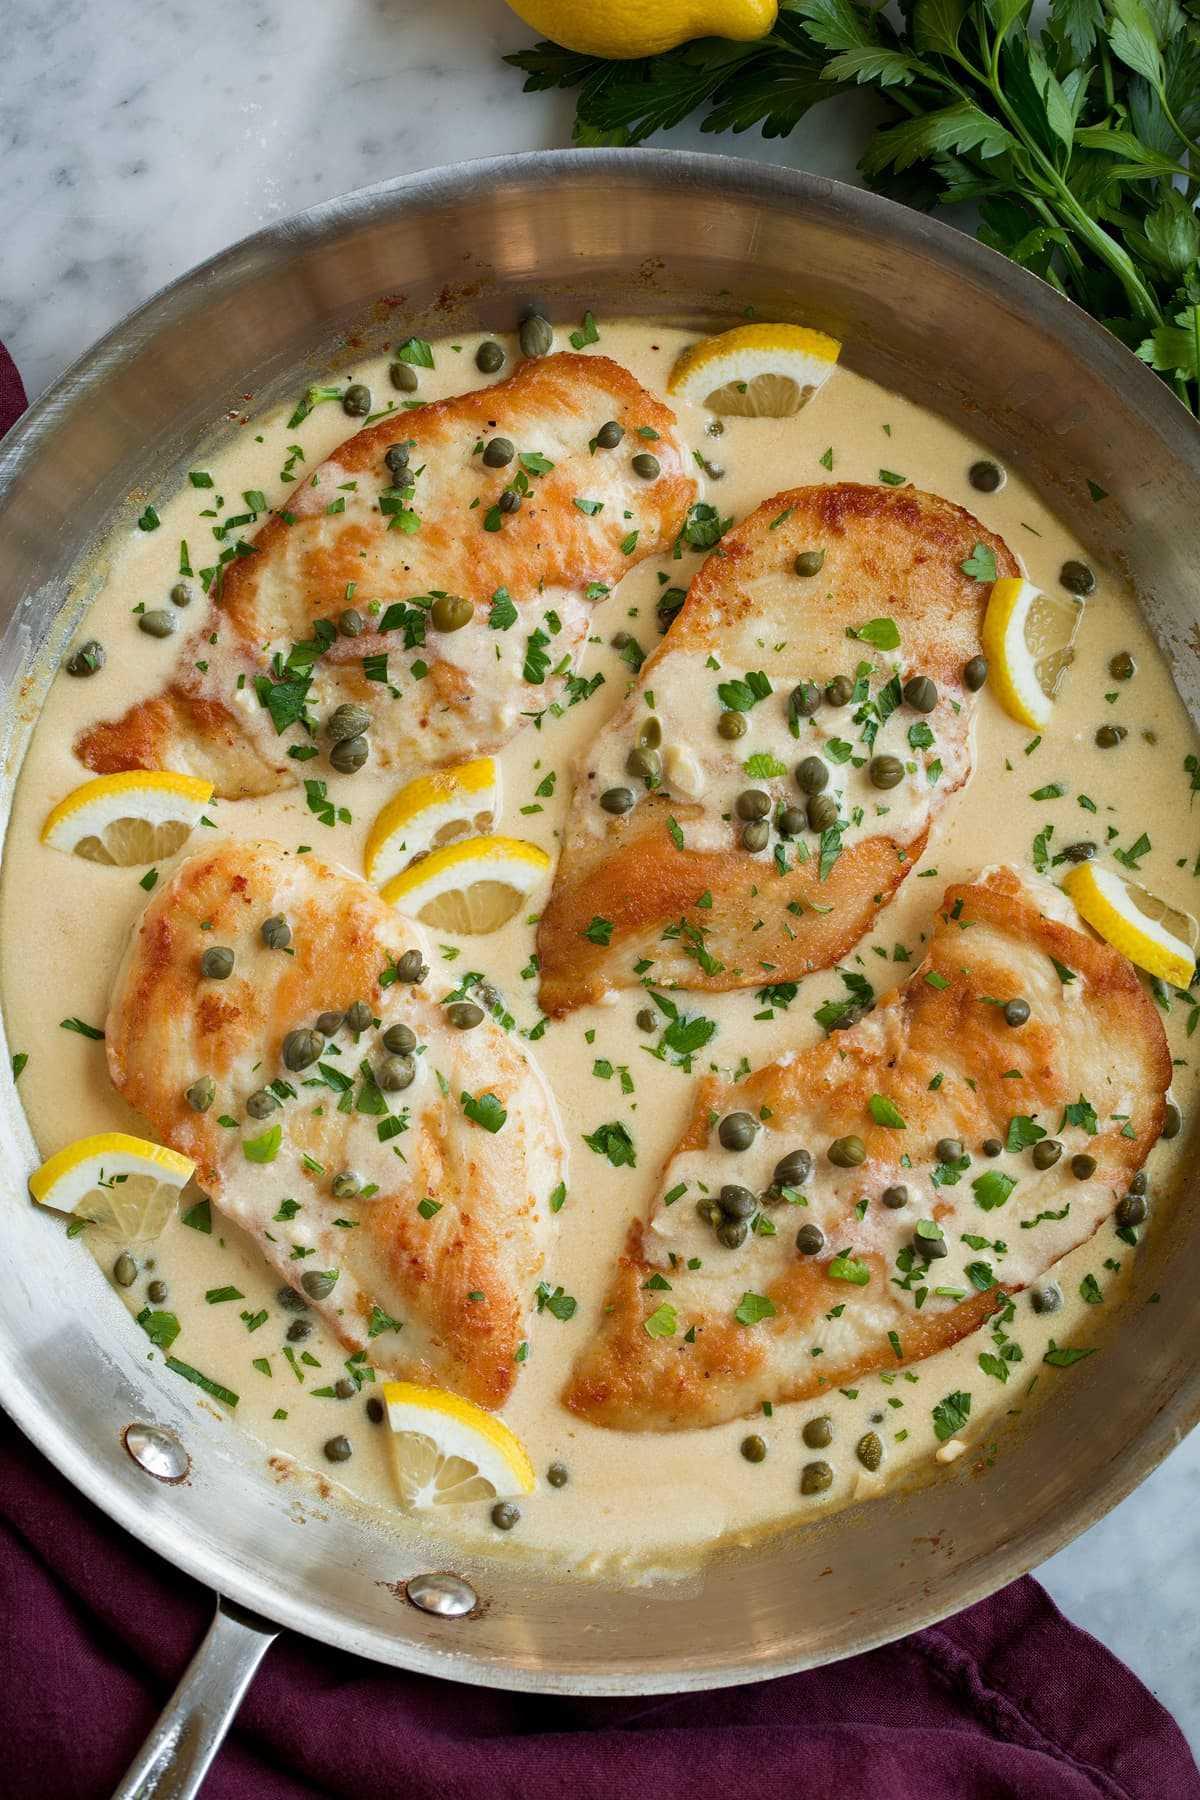 Cuatro porciones de piccata de pollo en salsa cremosa de piccata de limón, que se muestran después de cocinarlas en una sartén de aluminio grande.